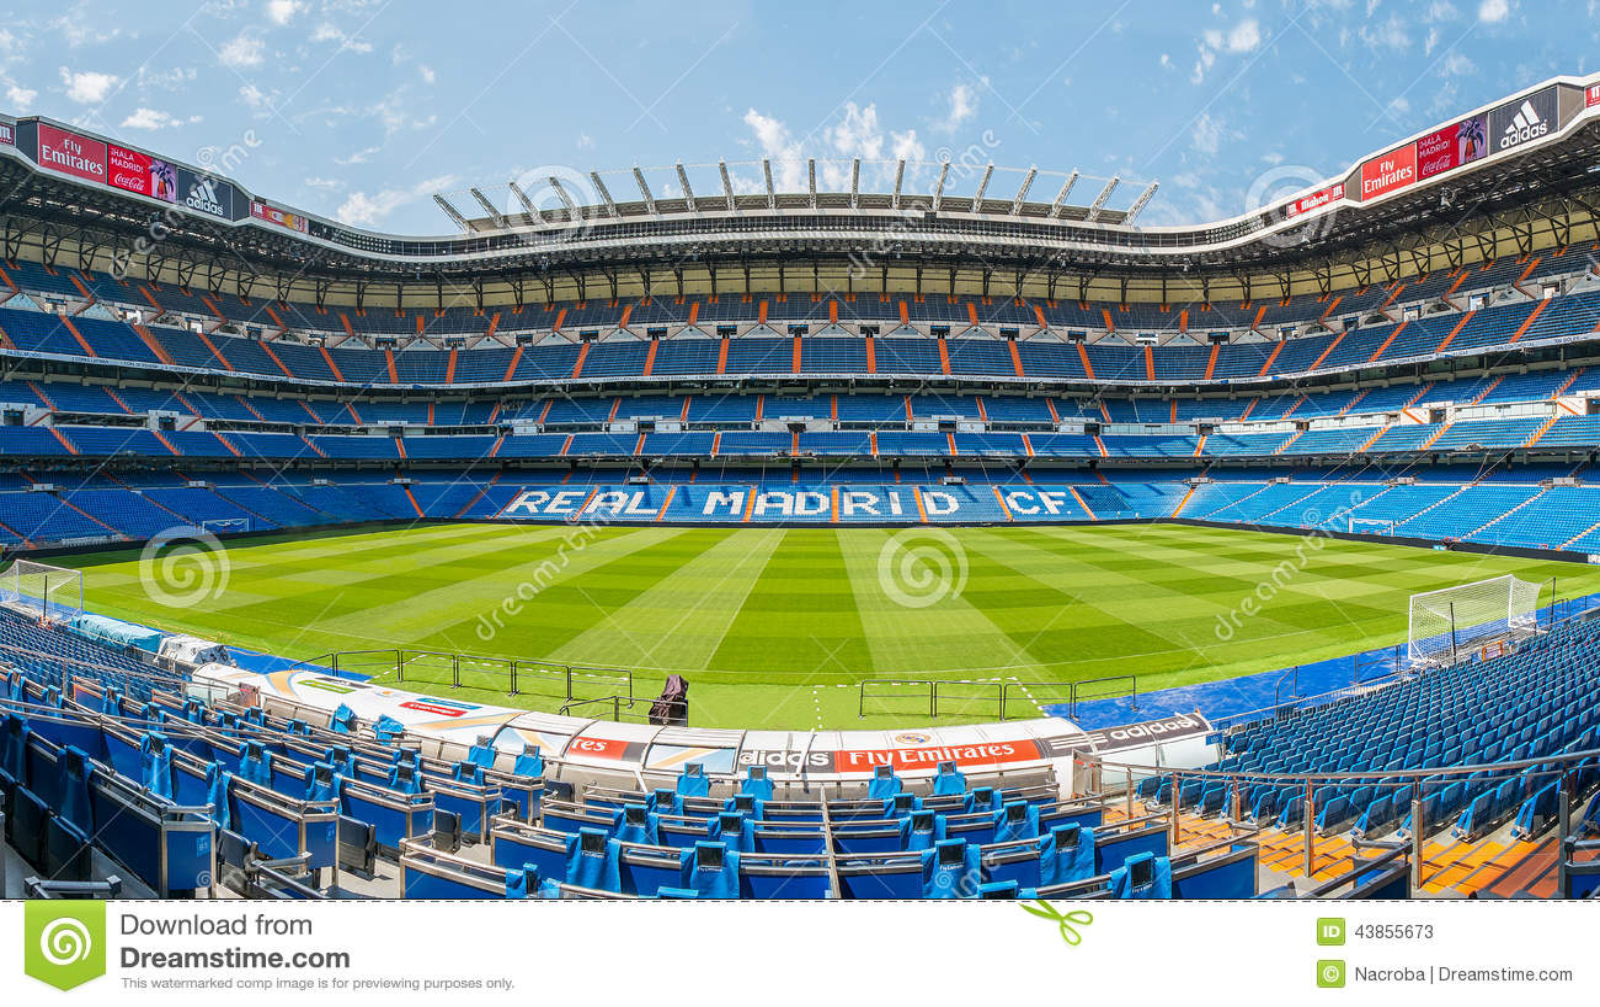 Santiago bernabeu stadium editorial stock photo image of for Puerta 6 santiago bernabeu